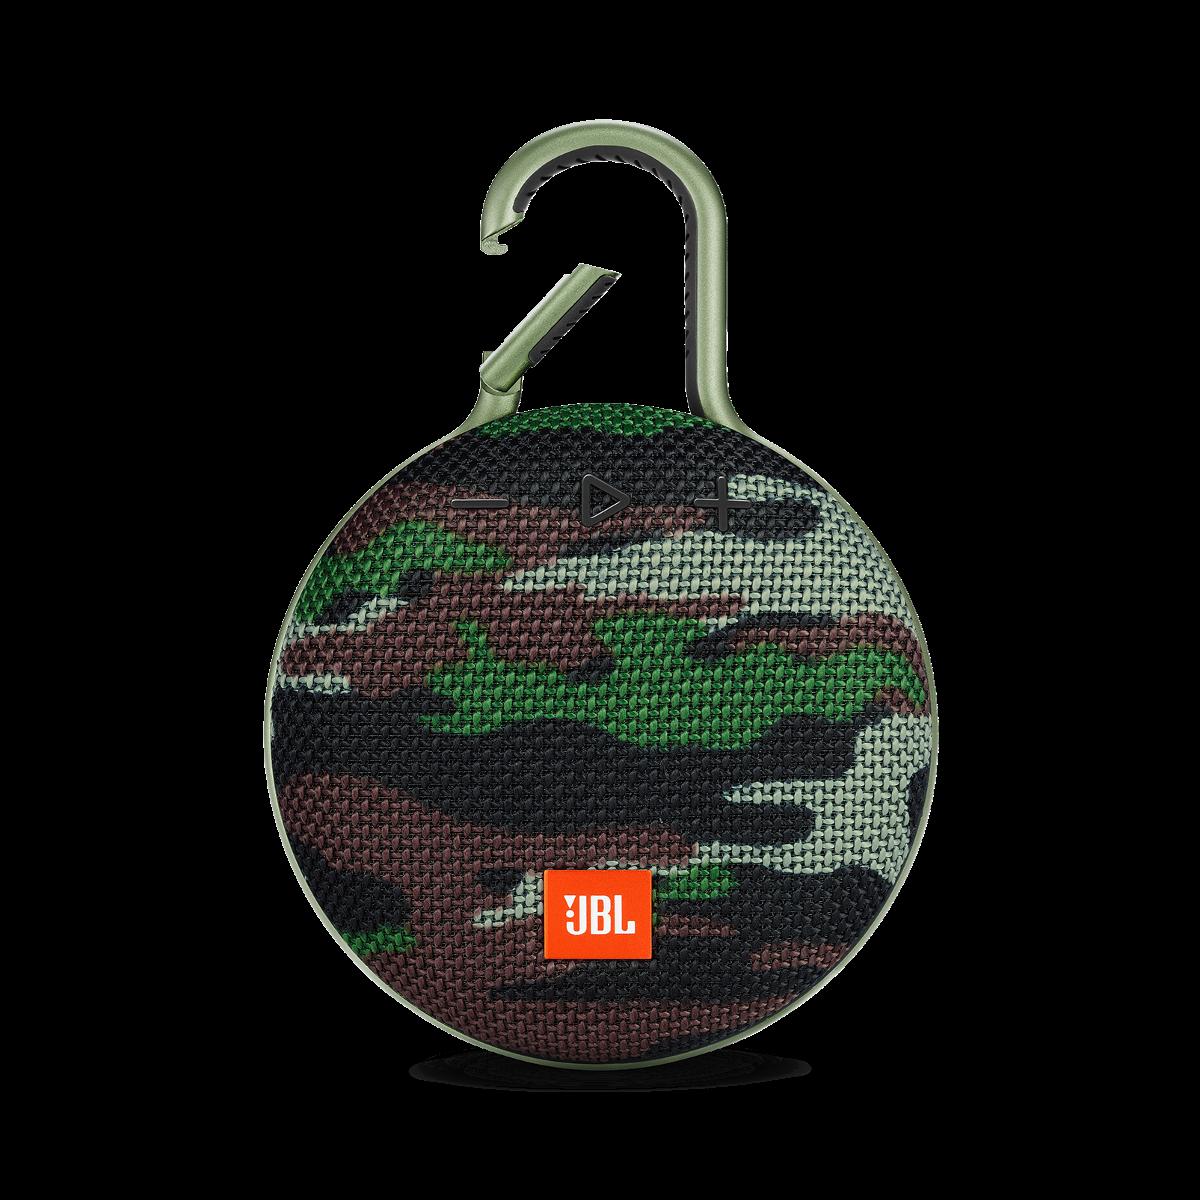 Портативная колонка JBL CLIP 3 Camouflage